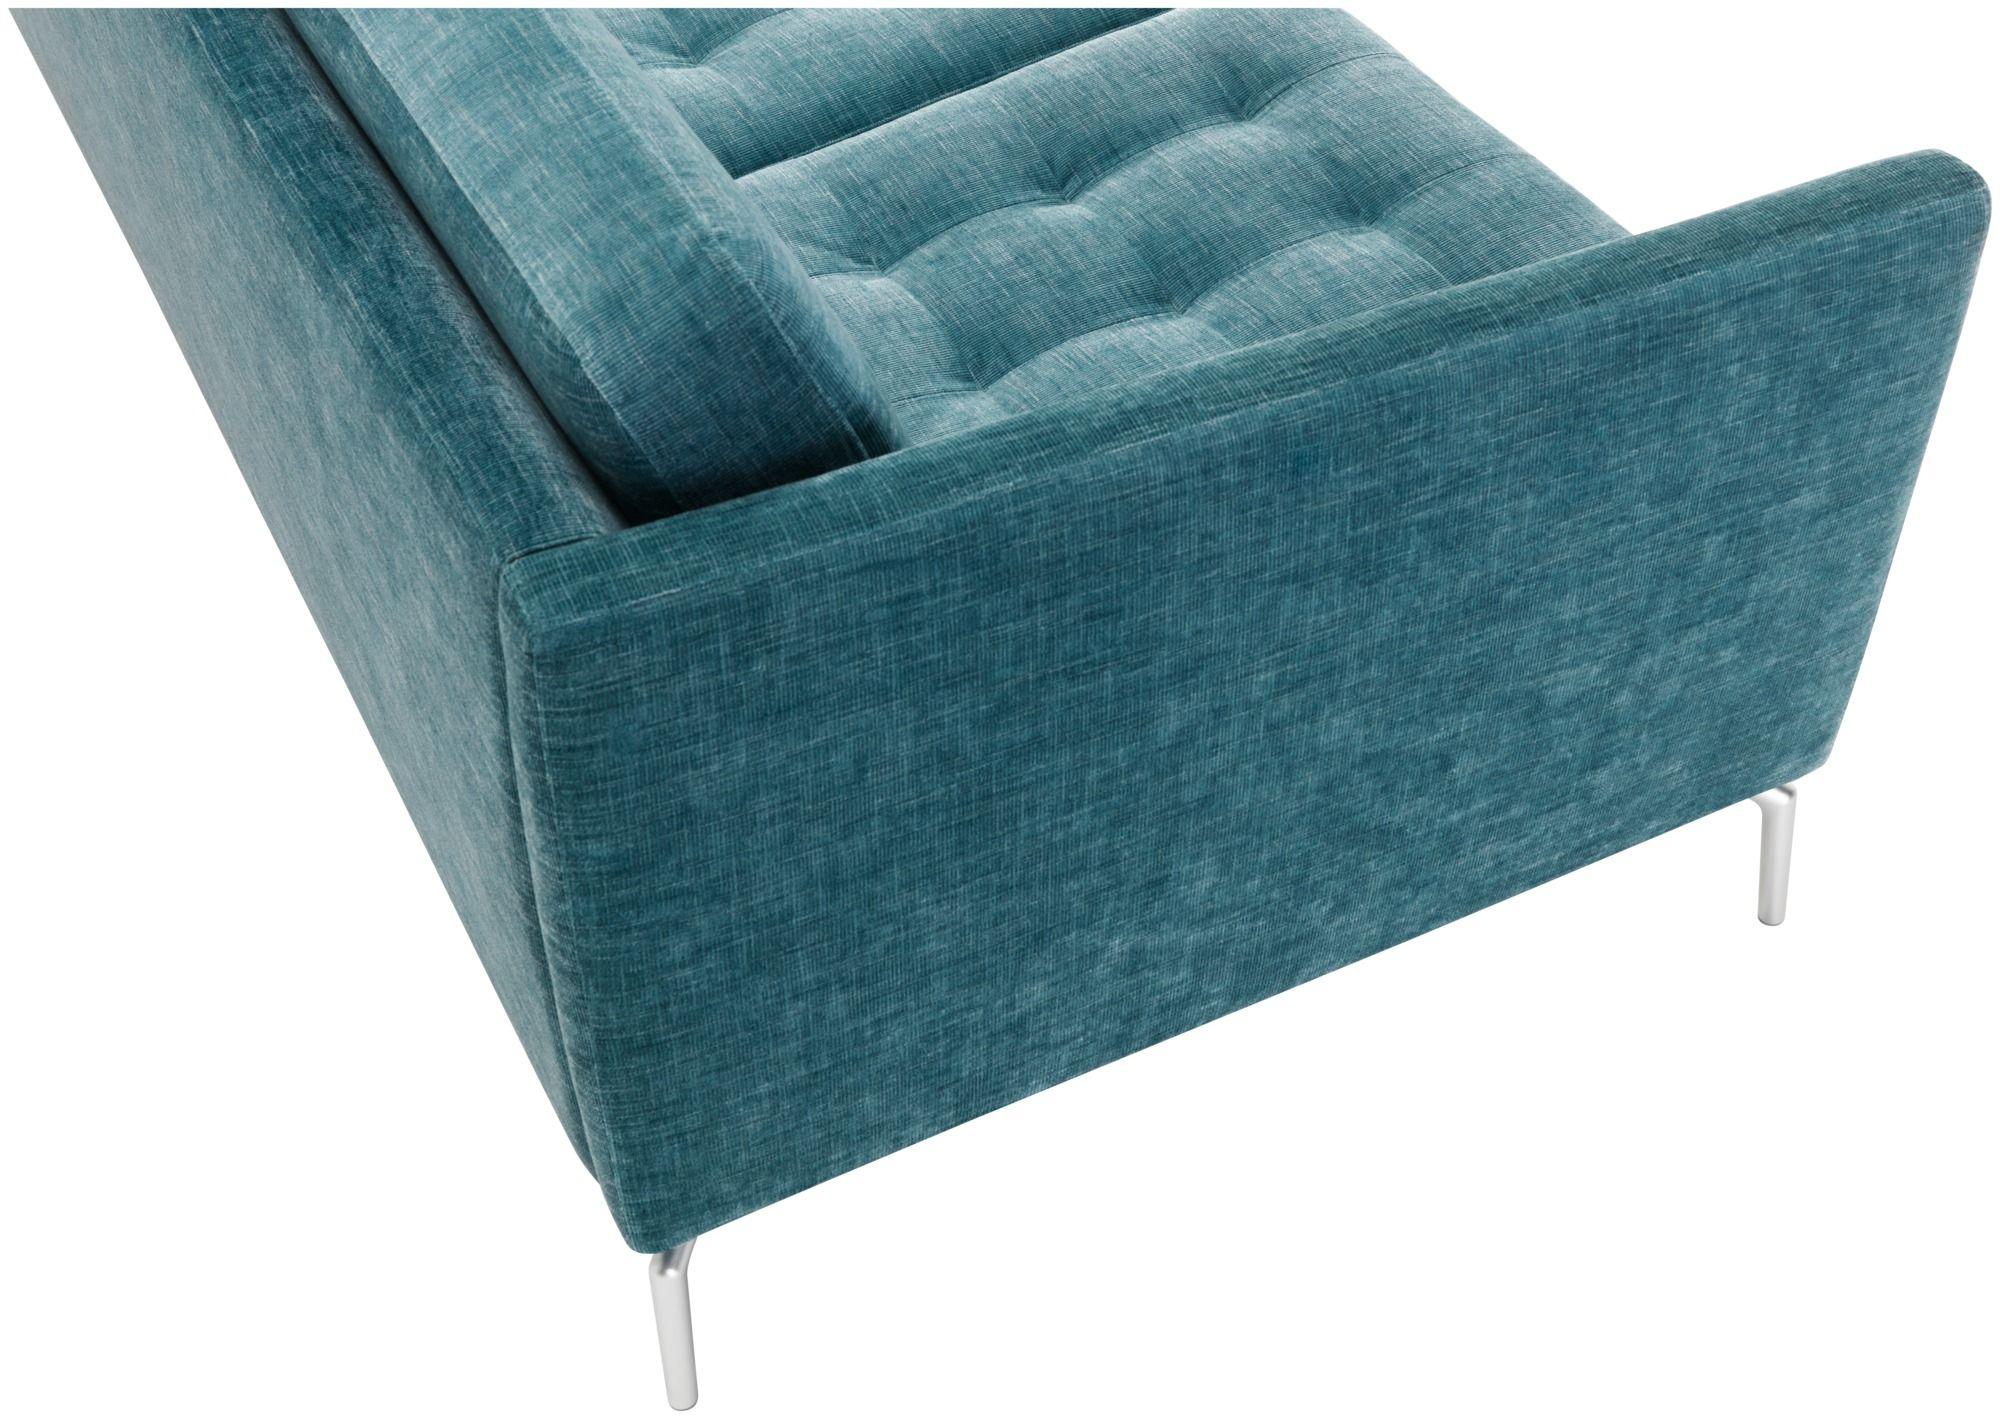 Osaka Sofa Customise Your Own Sofa